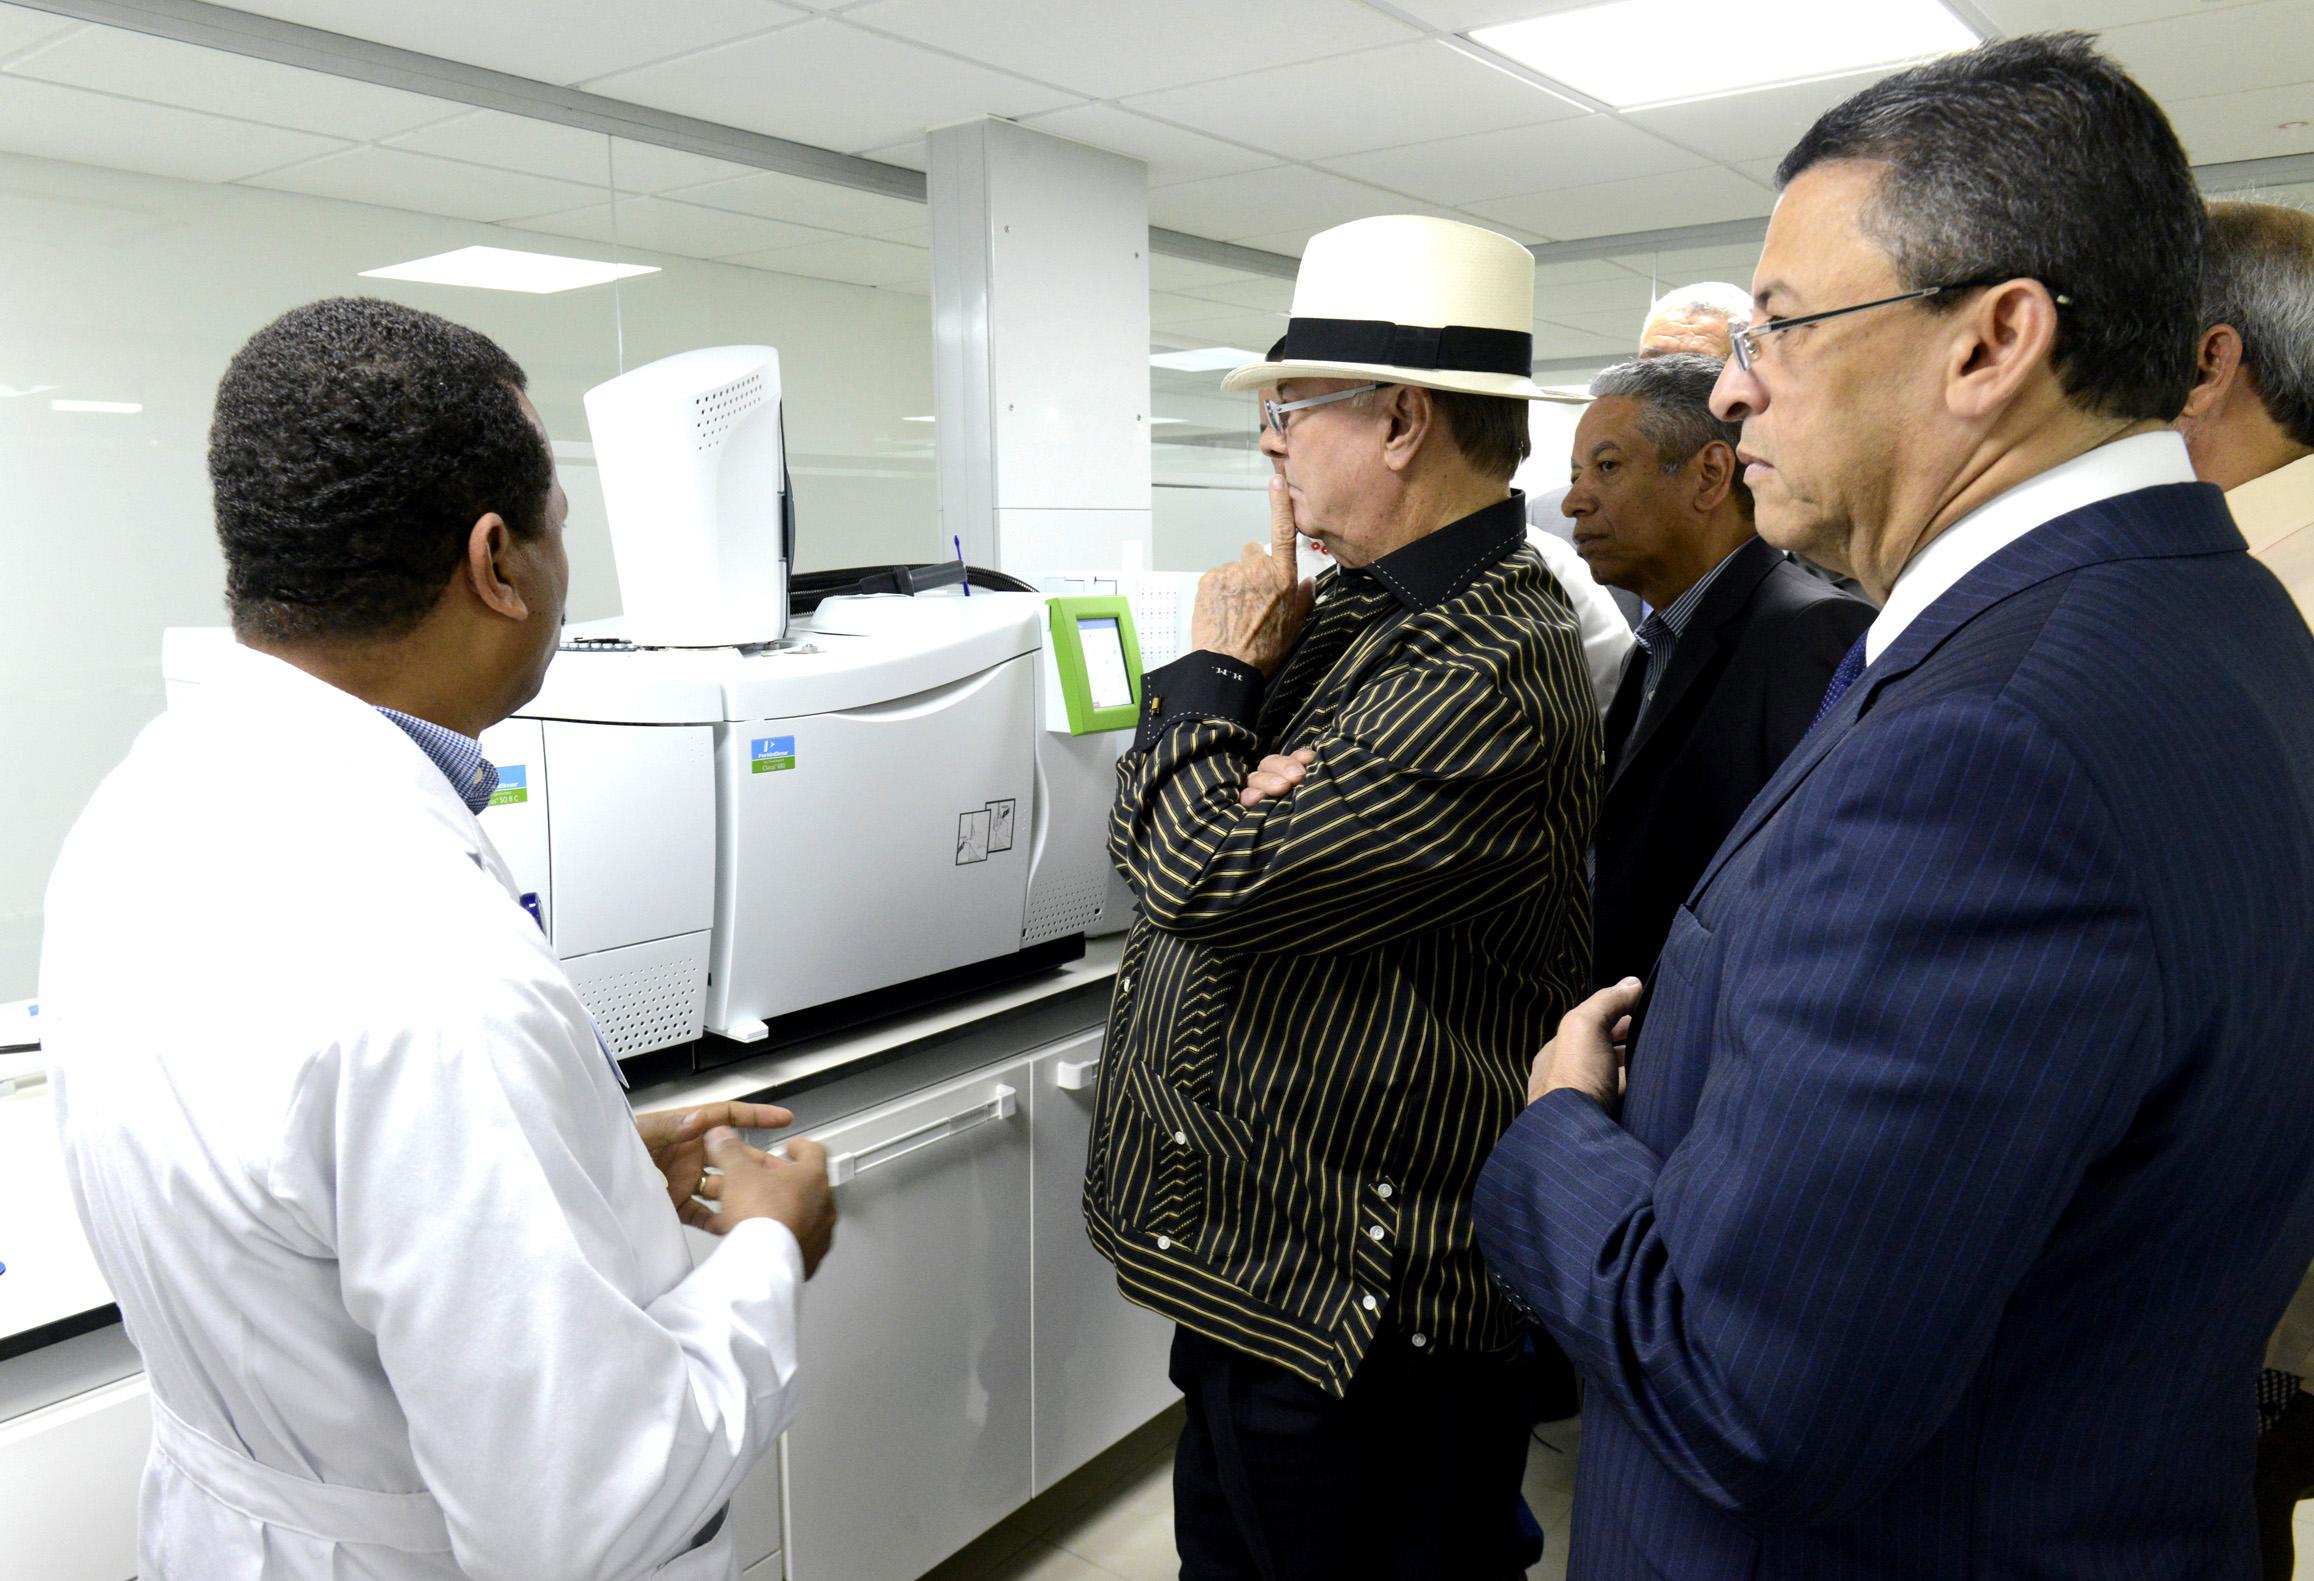 El expresidente Hipólito Mejía valoró el laboratorio y felicitó a Aduanas por la obra./elDinero